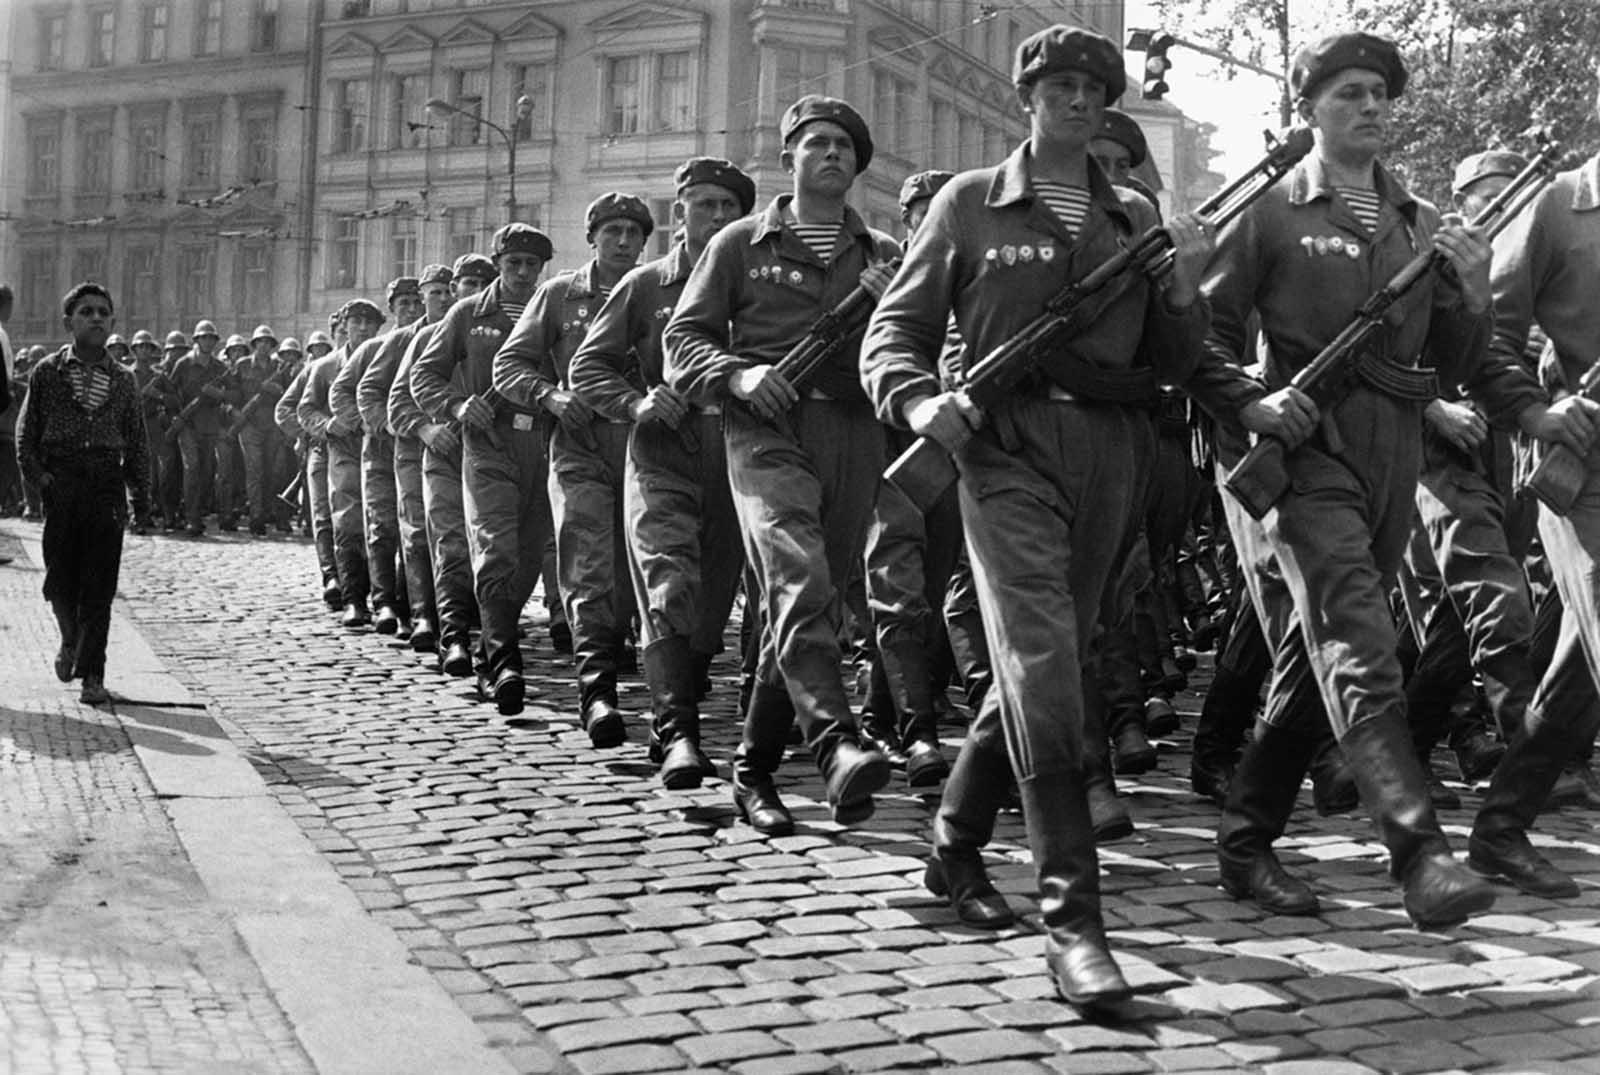 Las tropas soviéticas marchan a través de Praga en septiembre de 1968. Después de la invasión, se estableció una presencia soviética permanente en Checoslovaquia para evitar nuevas reformas.